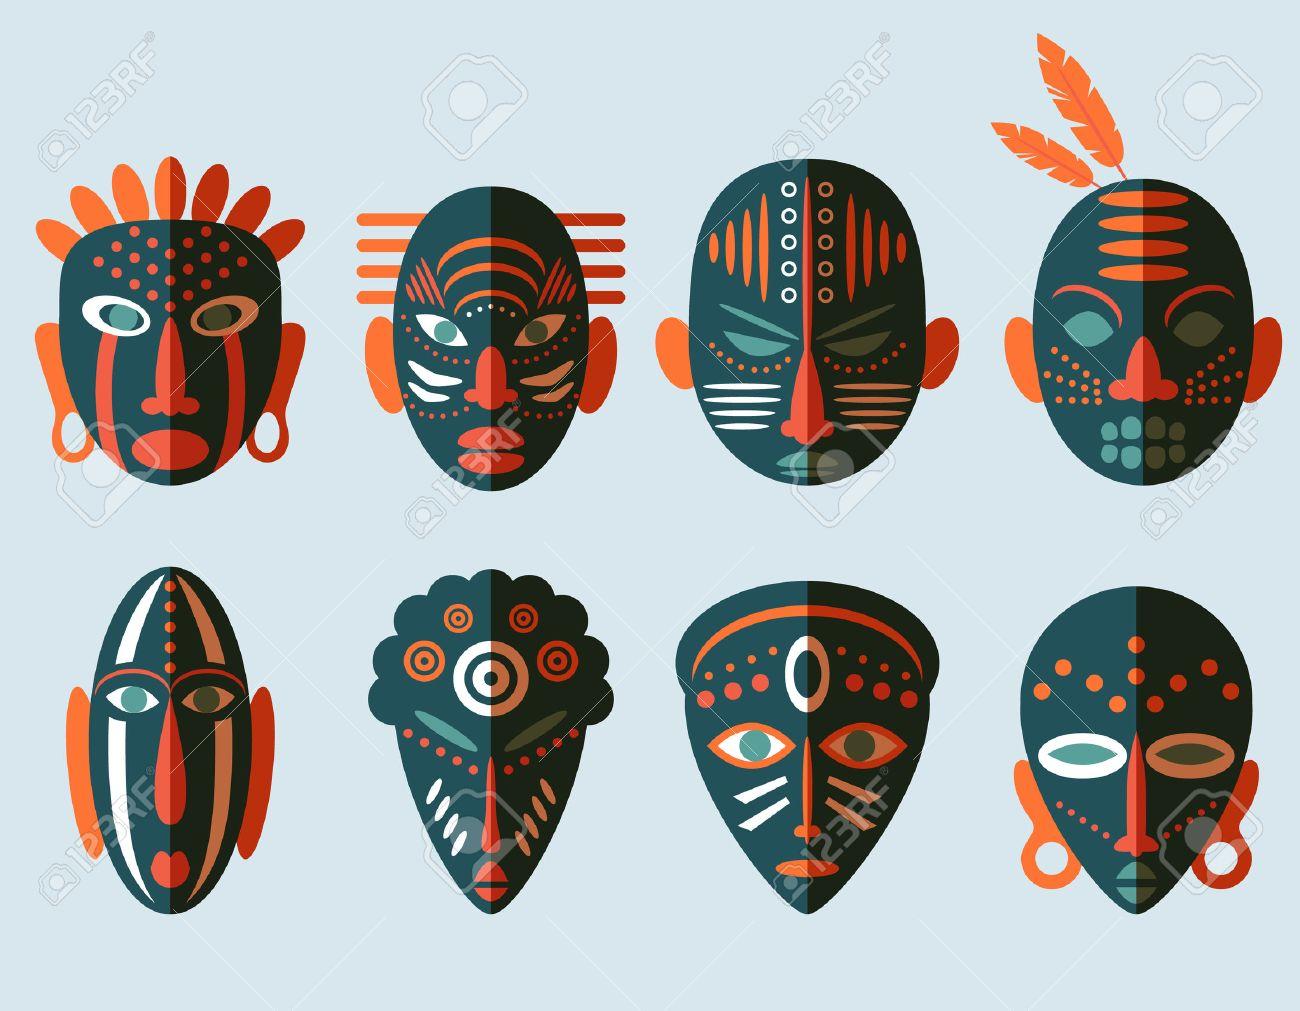 Icônes De Masque Africain. Design Plat. Symboles Rituels Tribaux dedans Masque Afriquain